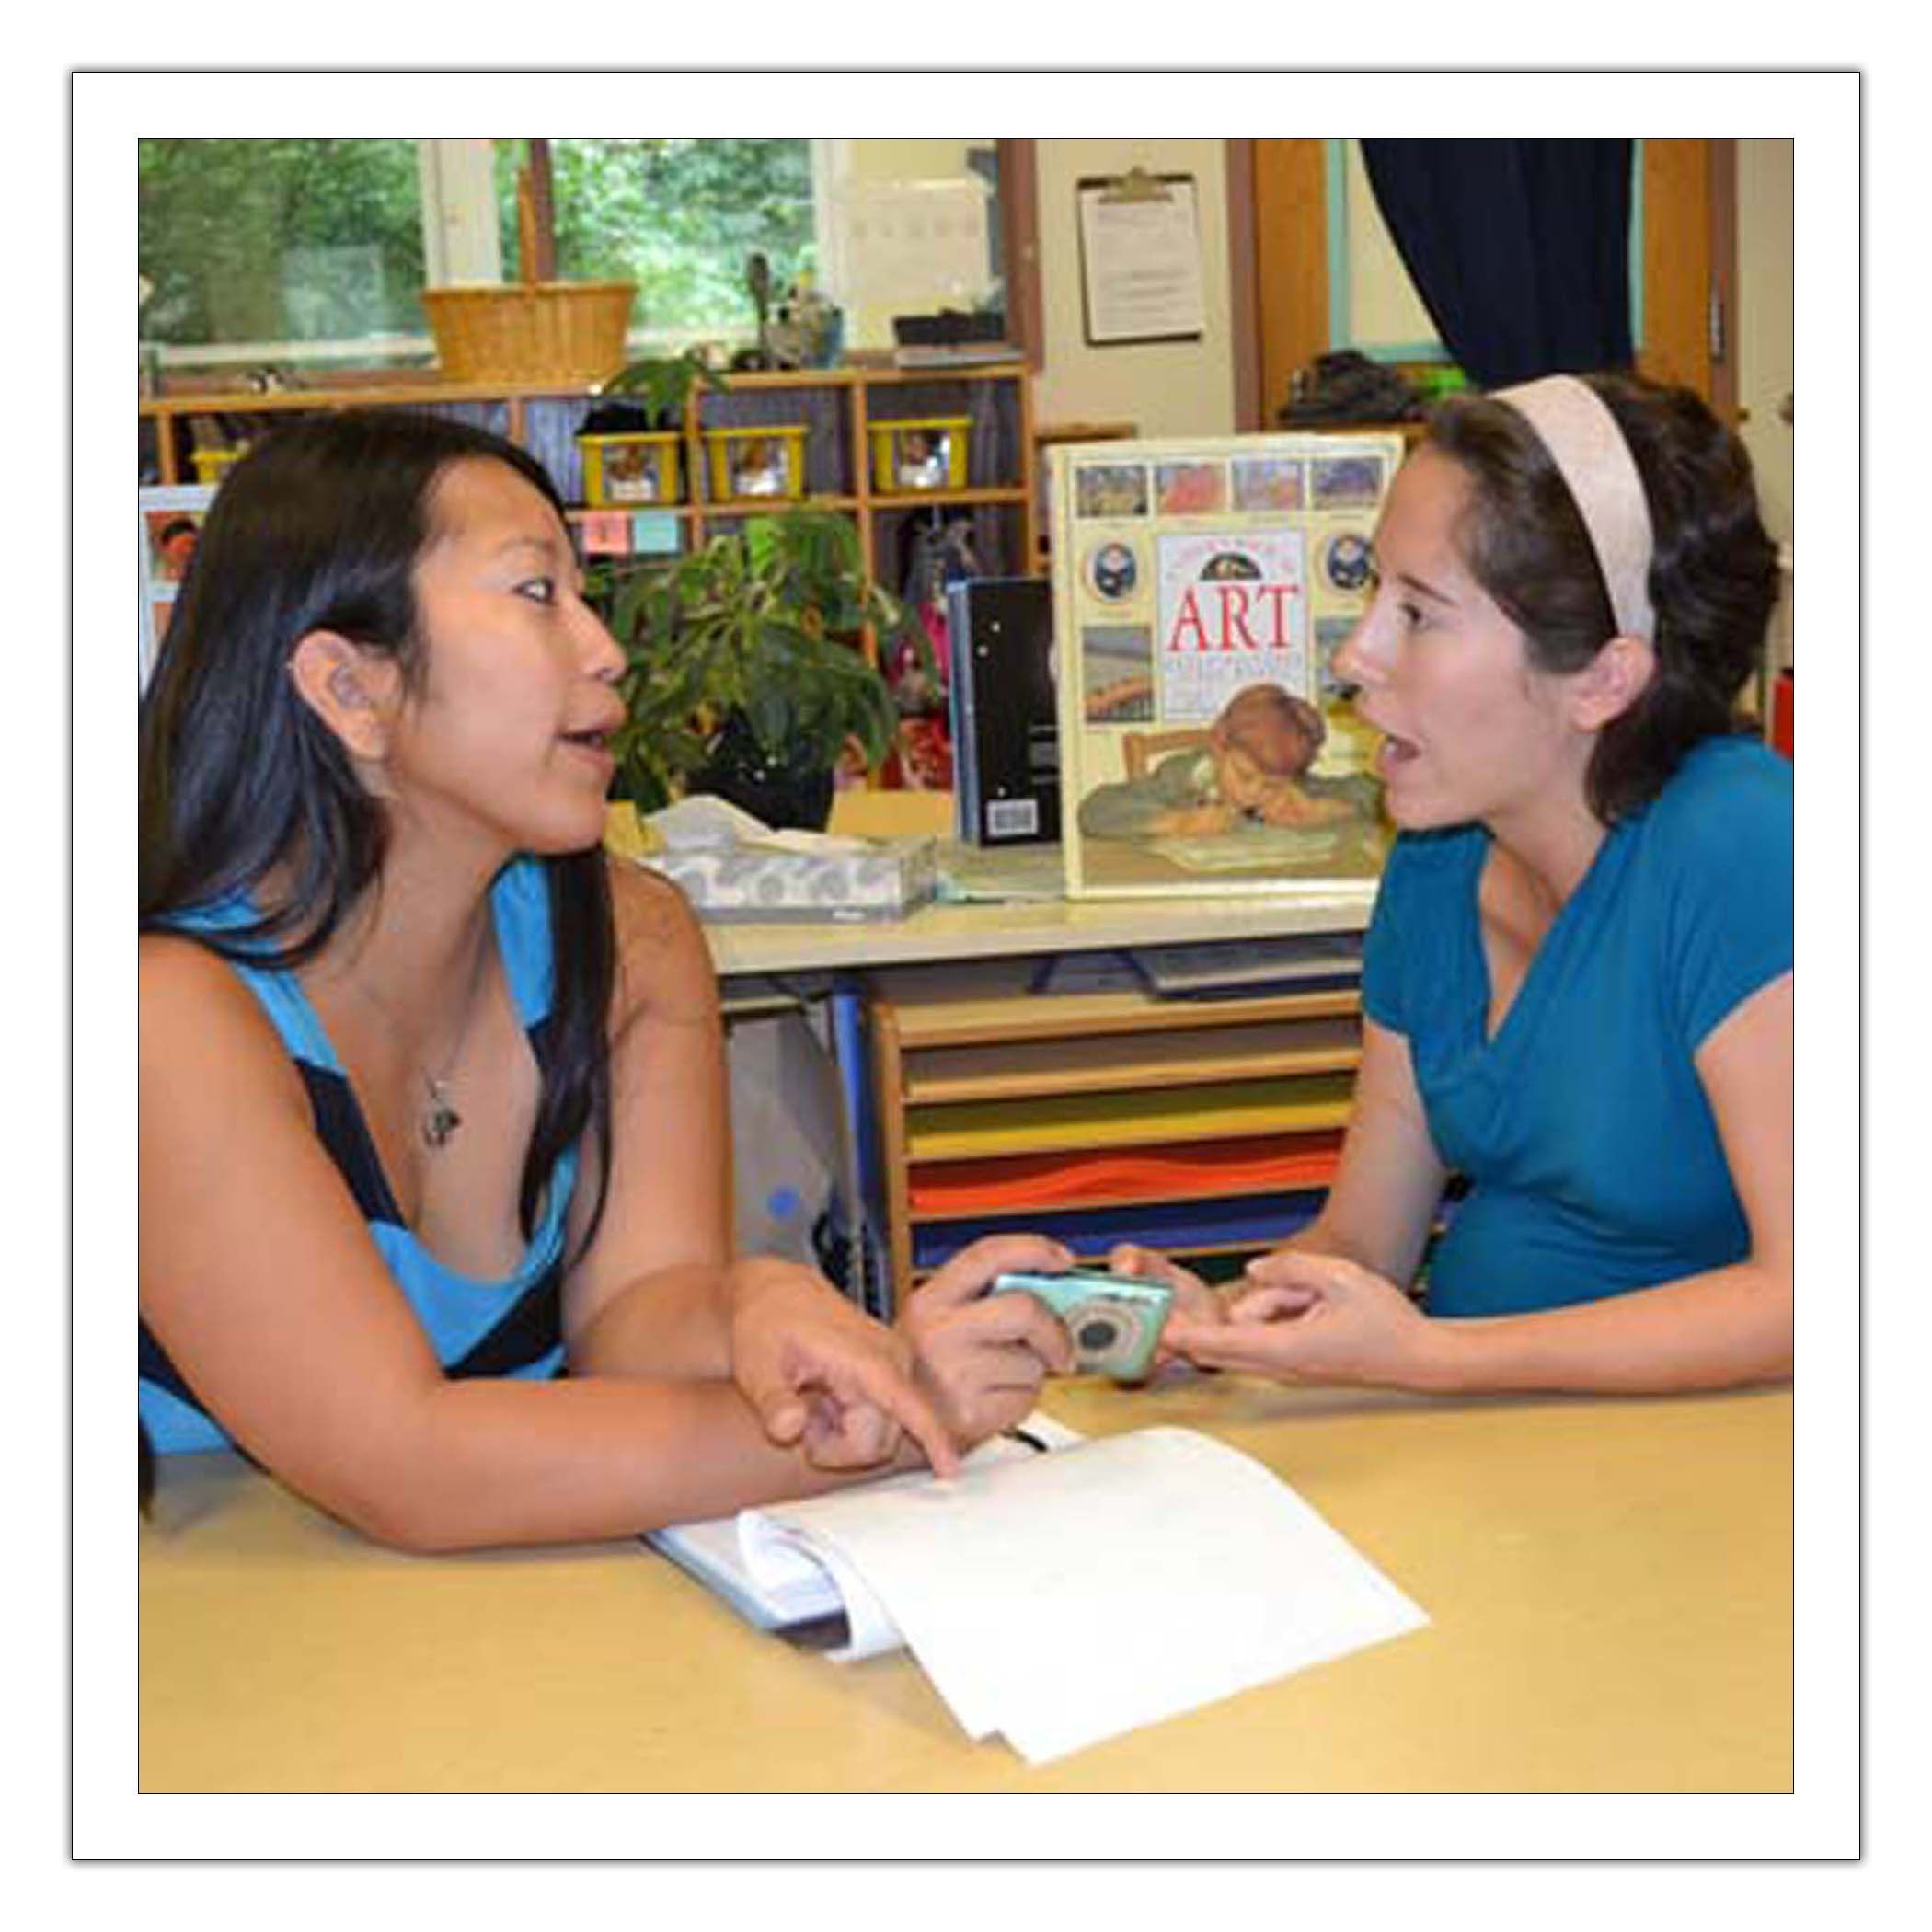 kindergartenteachercoverletter 140305234607 phpapp01 thumbnail 4 jpg cb 1394063212